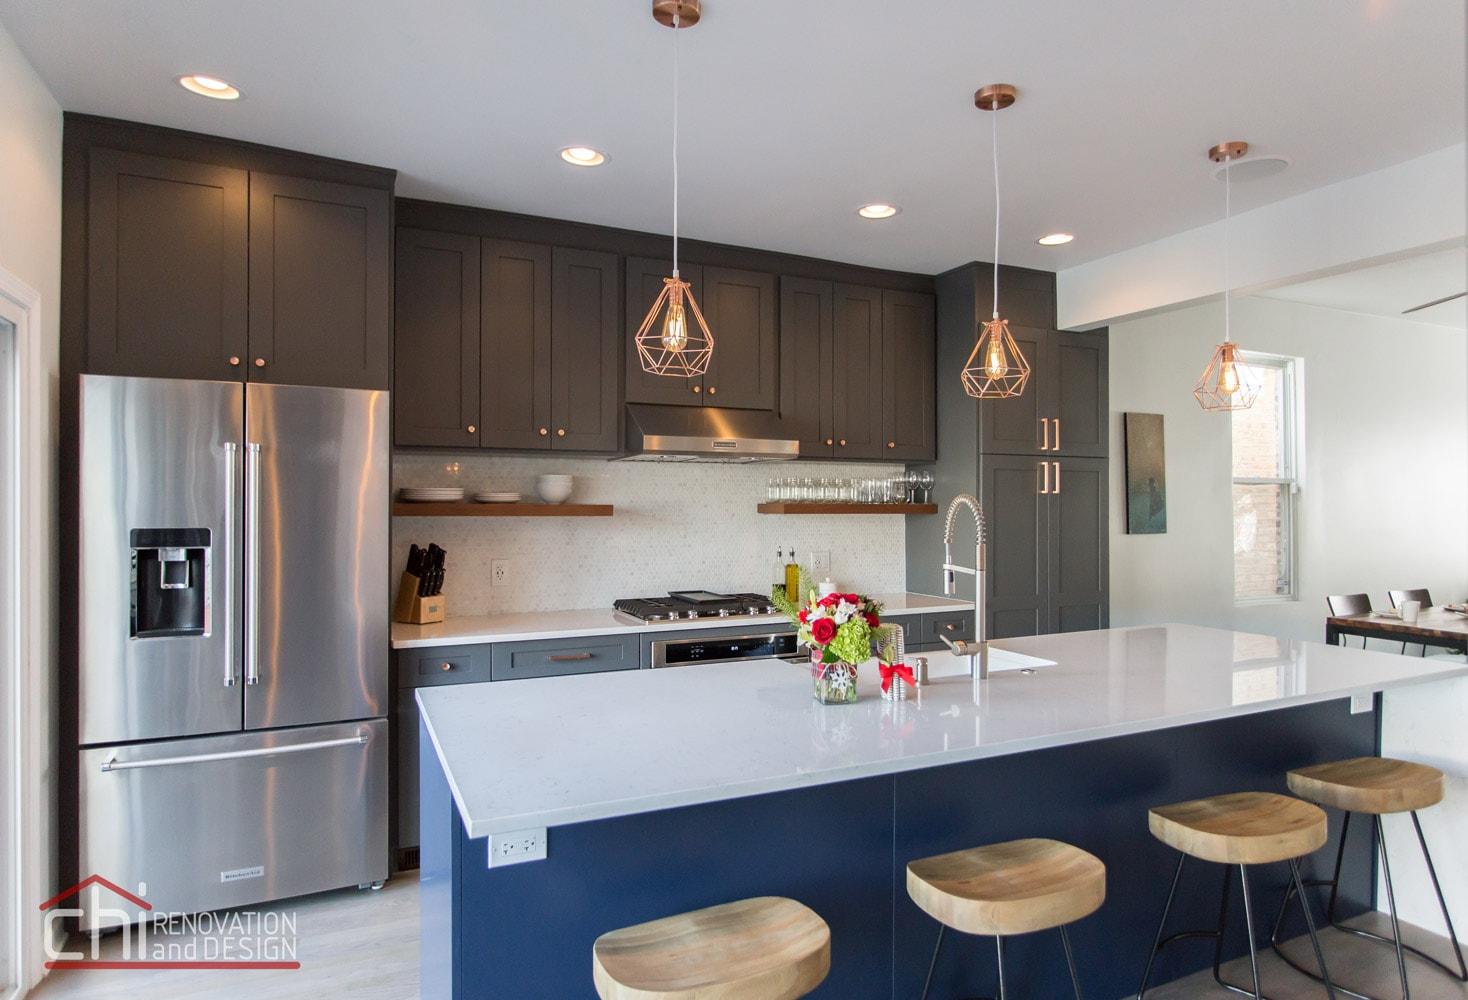 Luxury Open Concept Kitchen Renovation Interior Design